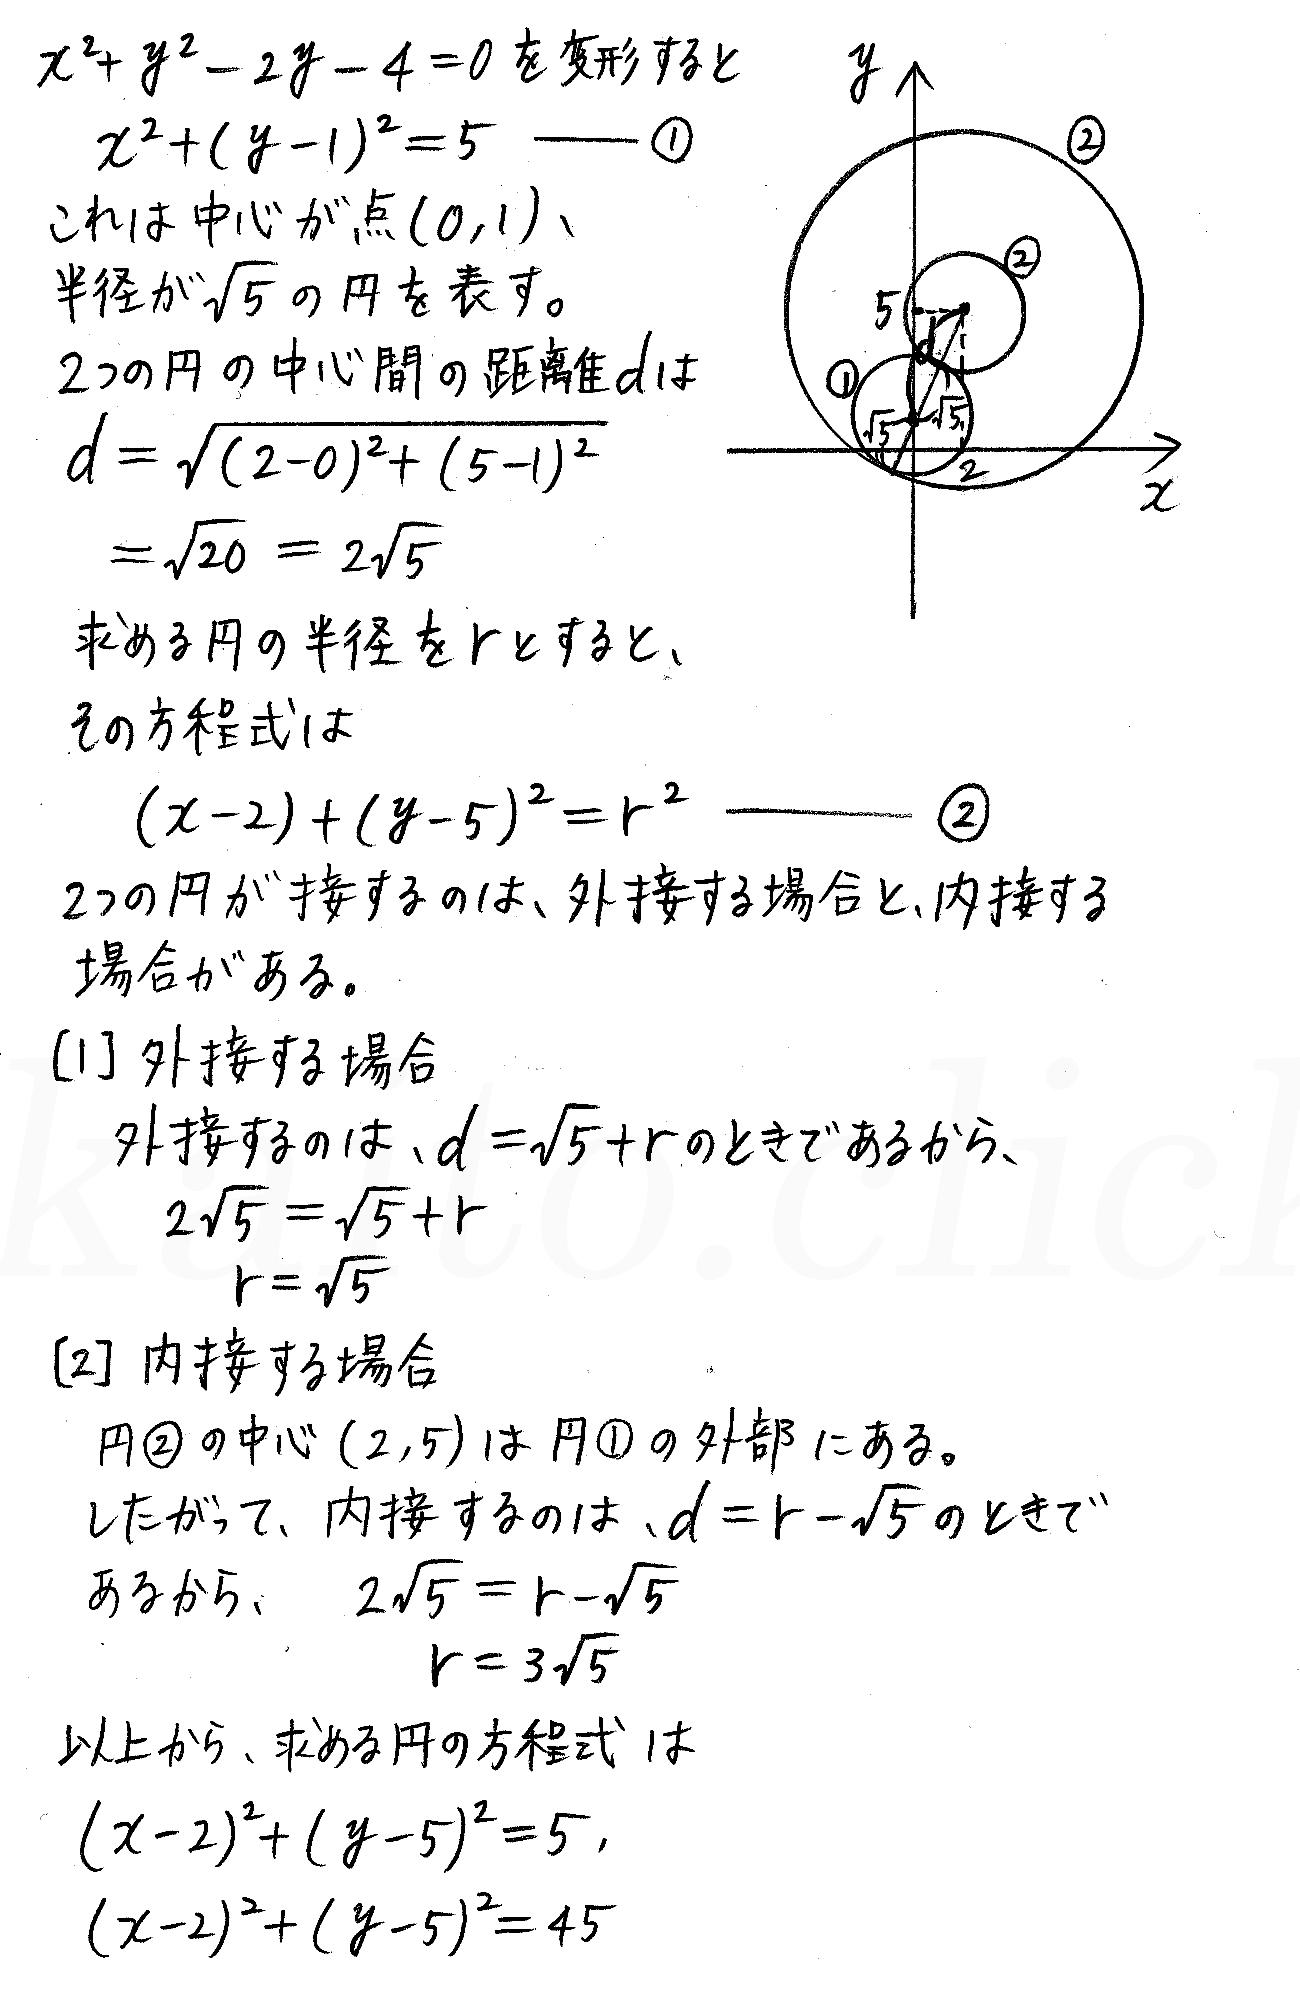 クリアー数学2-204解答